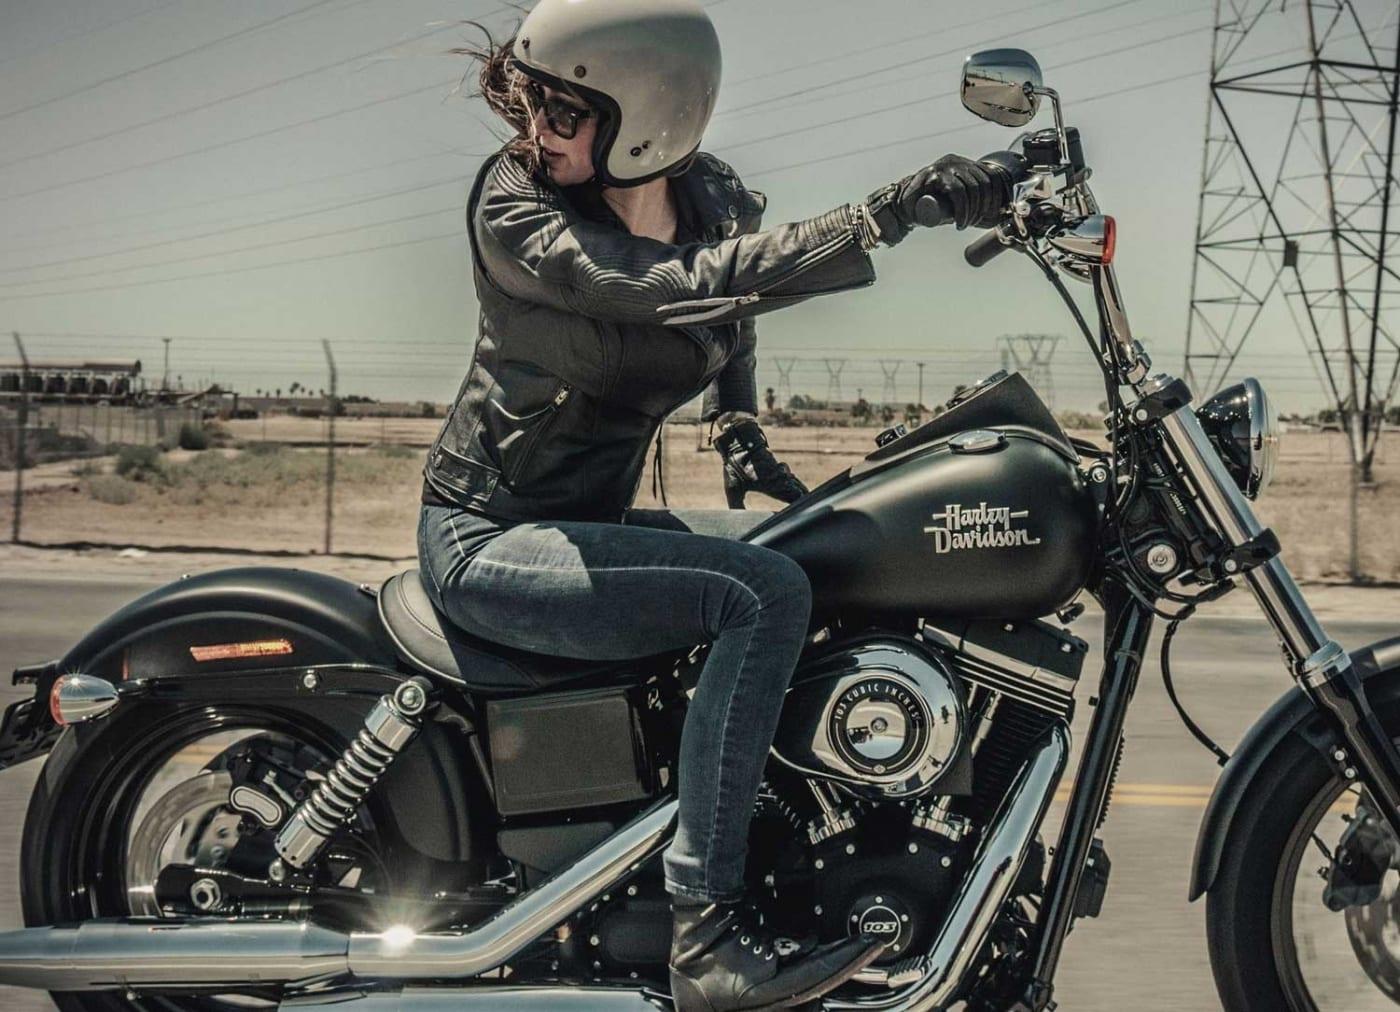 DAs Foto zeigt eine Lady auf einer Harley-DAvidson